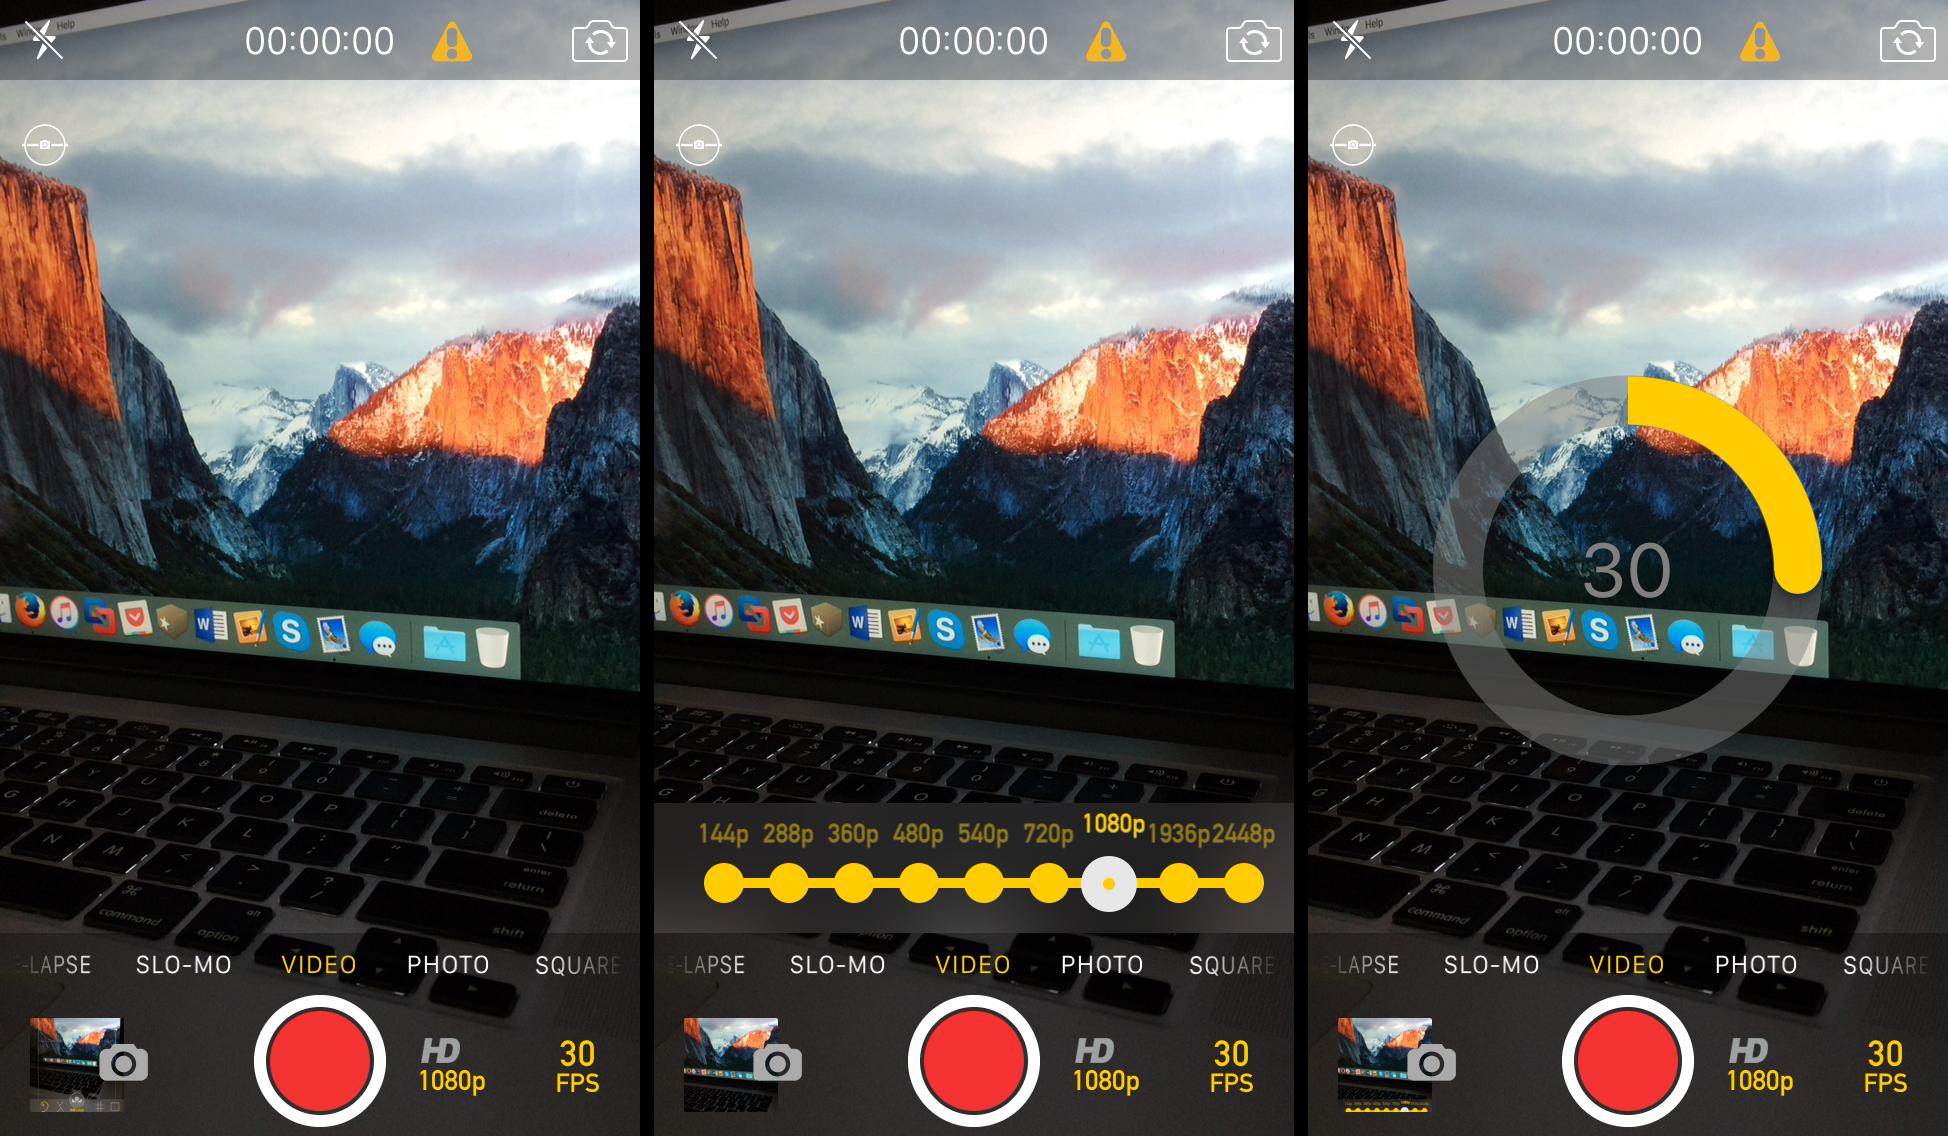 CameraTweak 4 iOS 9 video recording